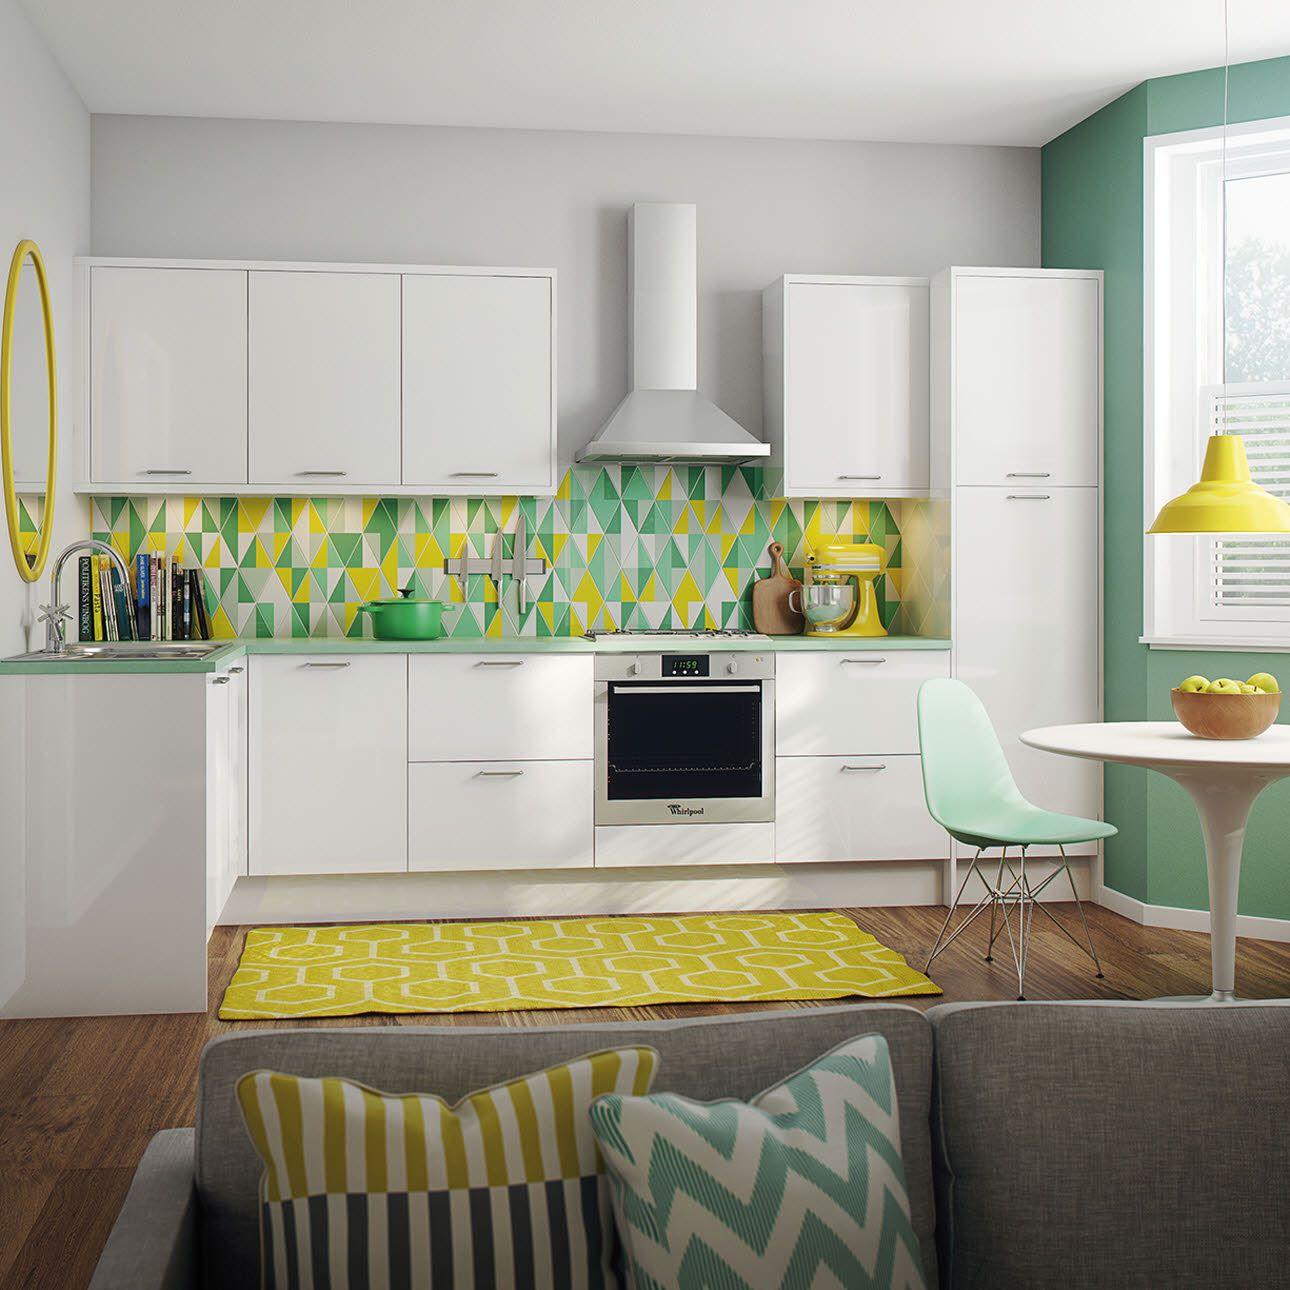 slab faced kitchen cabinets | Strata Gloss White Kitchen ...